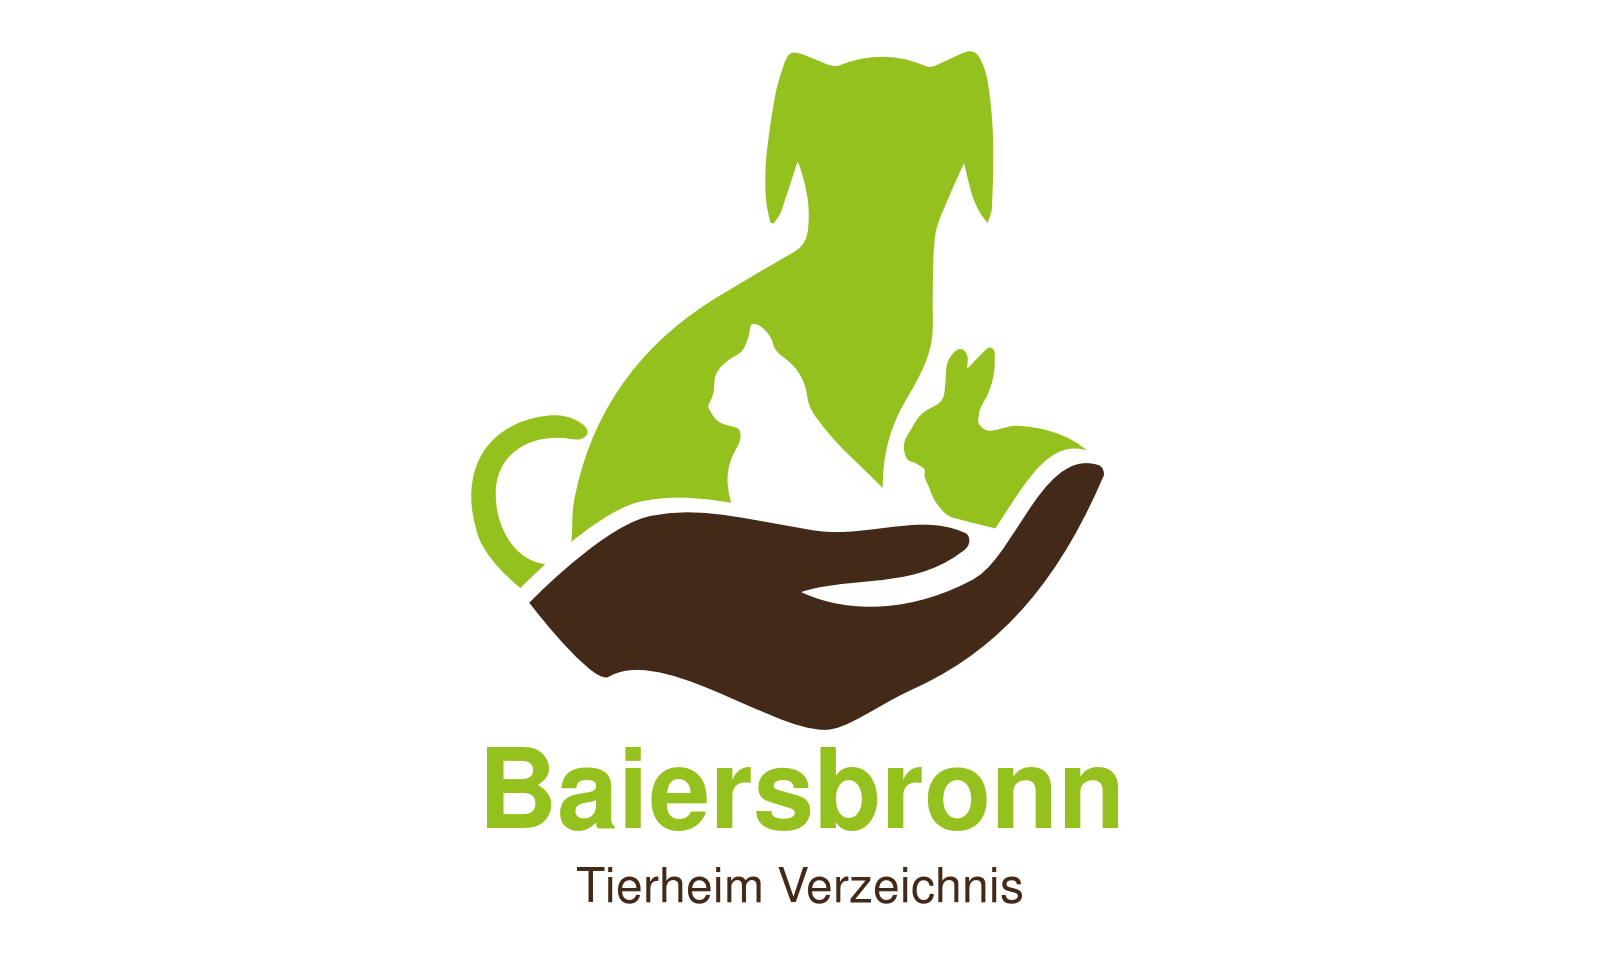 Tierheim Baiersbronn